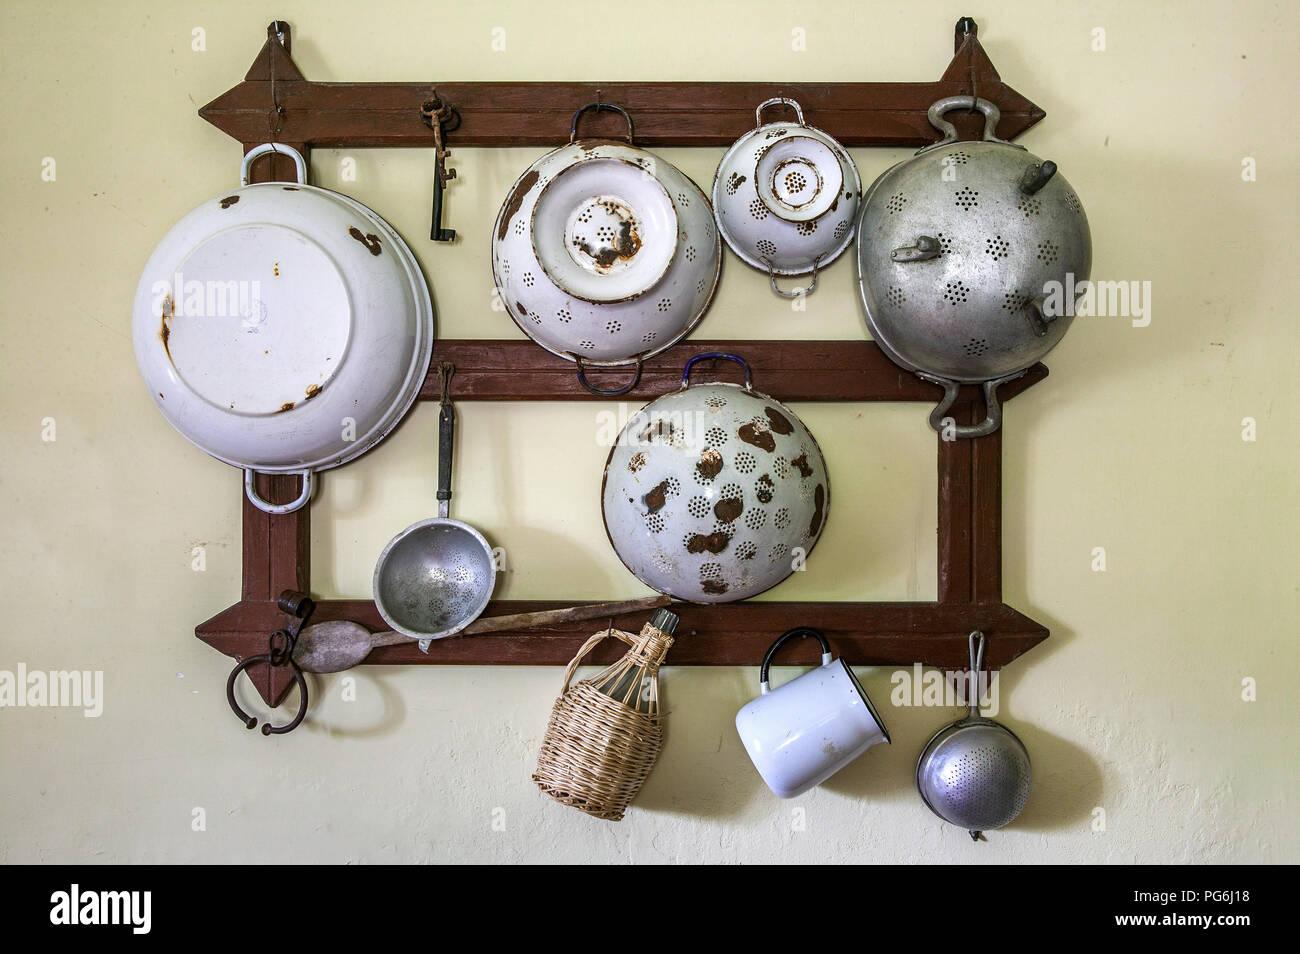 Vecchi Utensili Da Cucina In Metallo Immagini & Vecchi Utensili Da ...